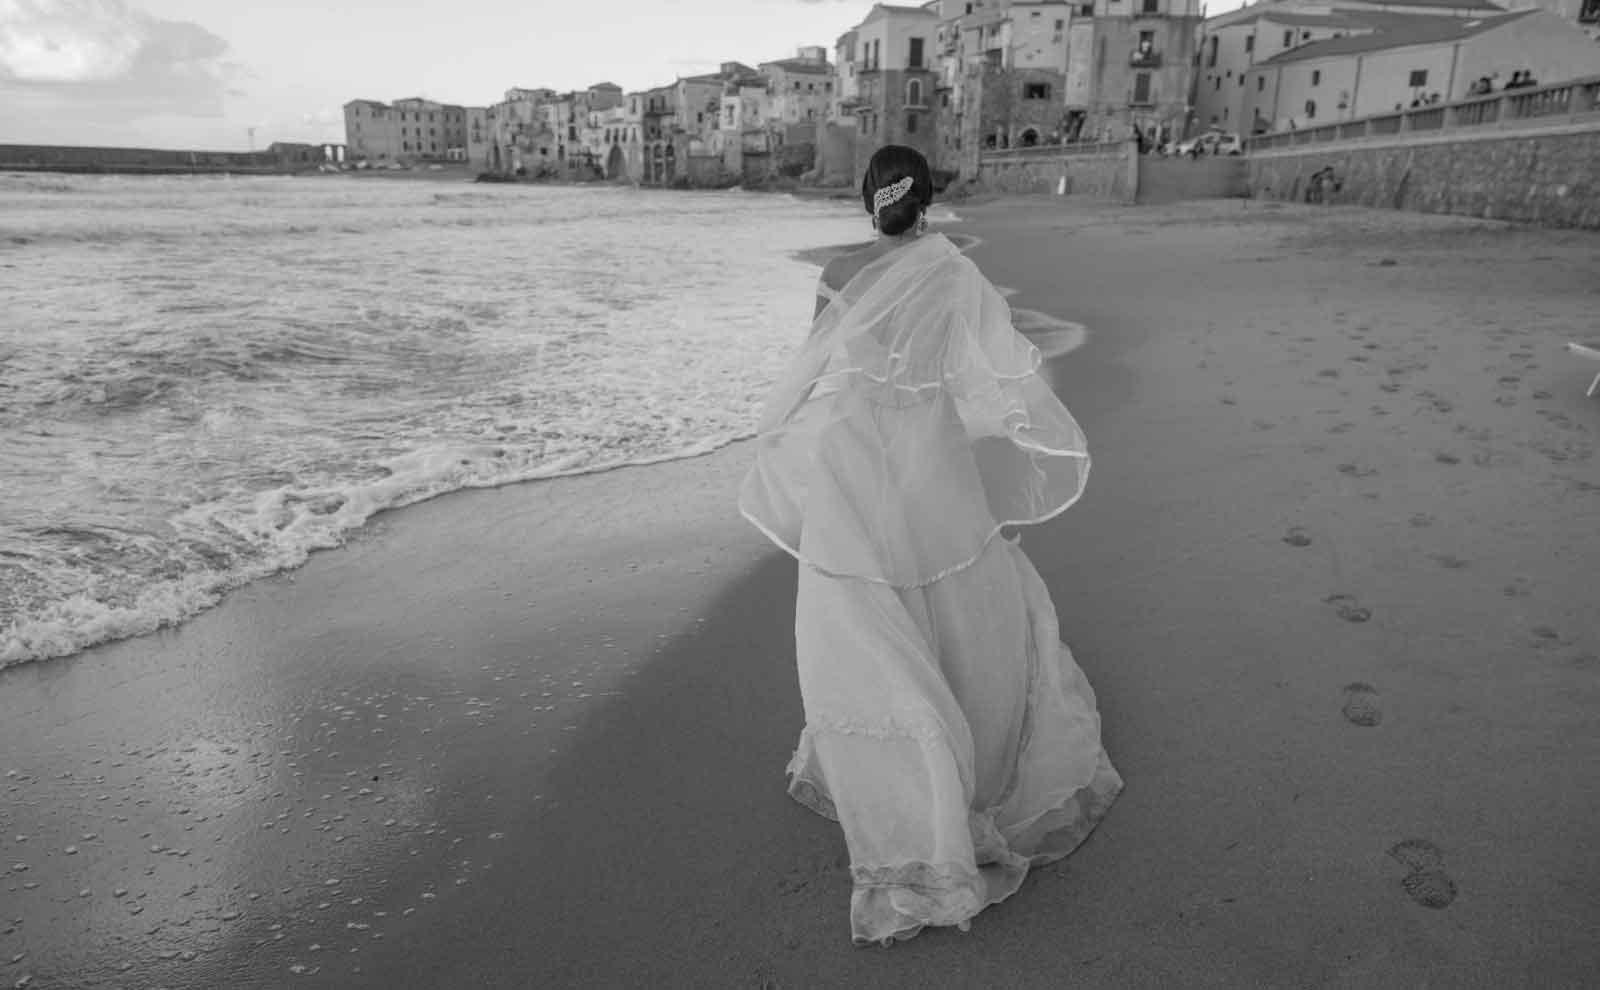 Matrimonio-Fotografia-1 Fotografo di Matrimonio Rossano Corigliano